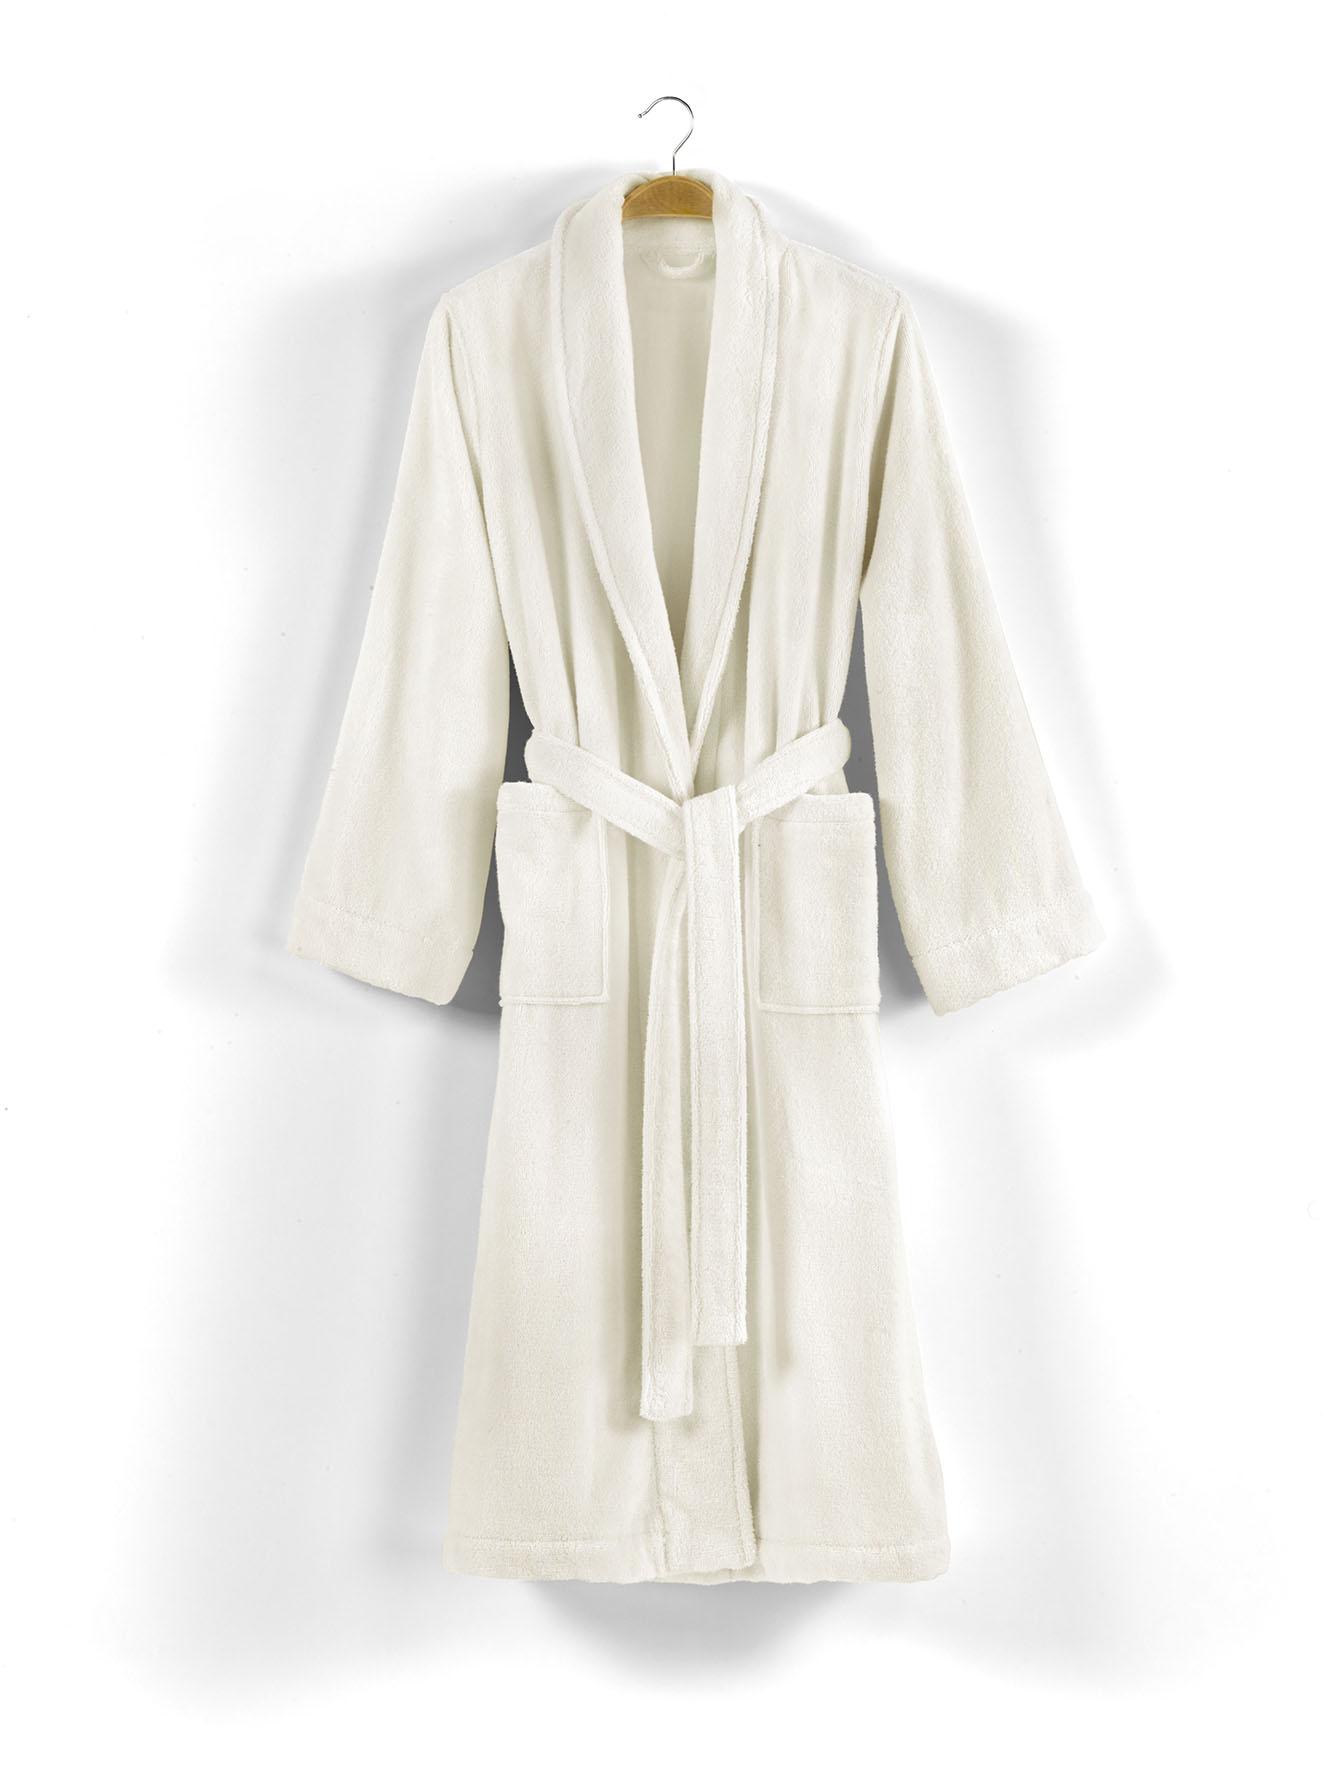 Банный халат Chicago Цвет: Слоновая Кость (S) CASUAL AVENUE cae365170